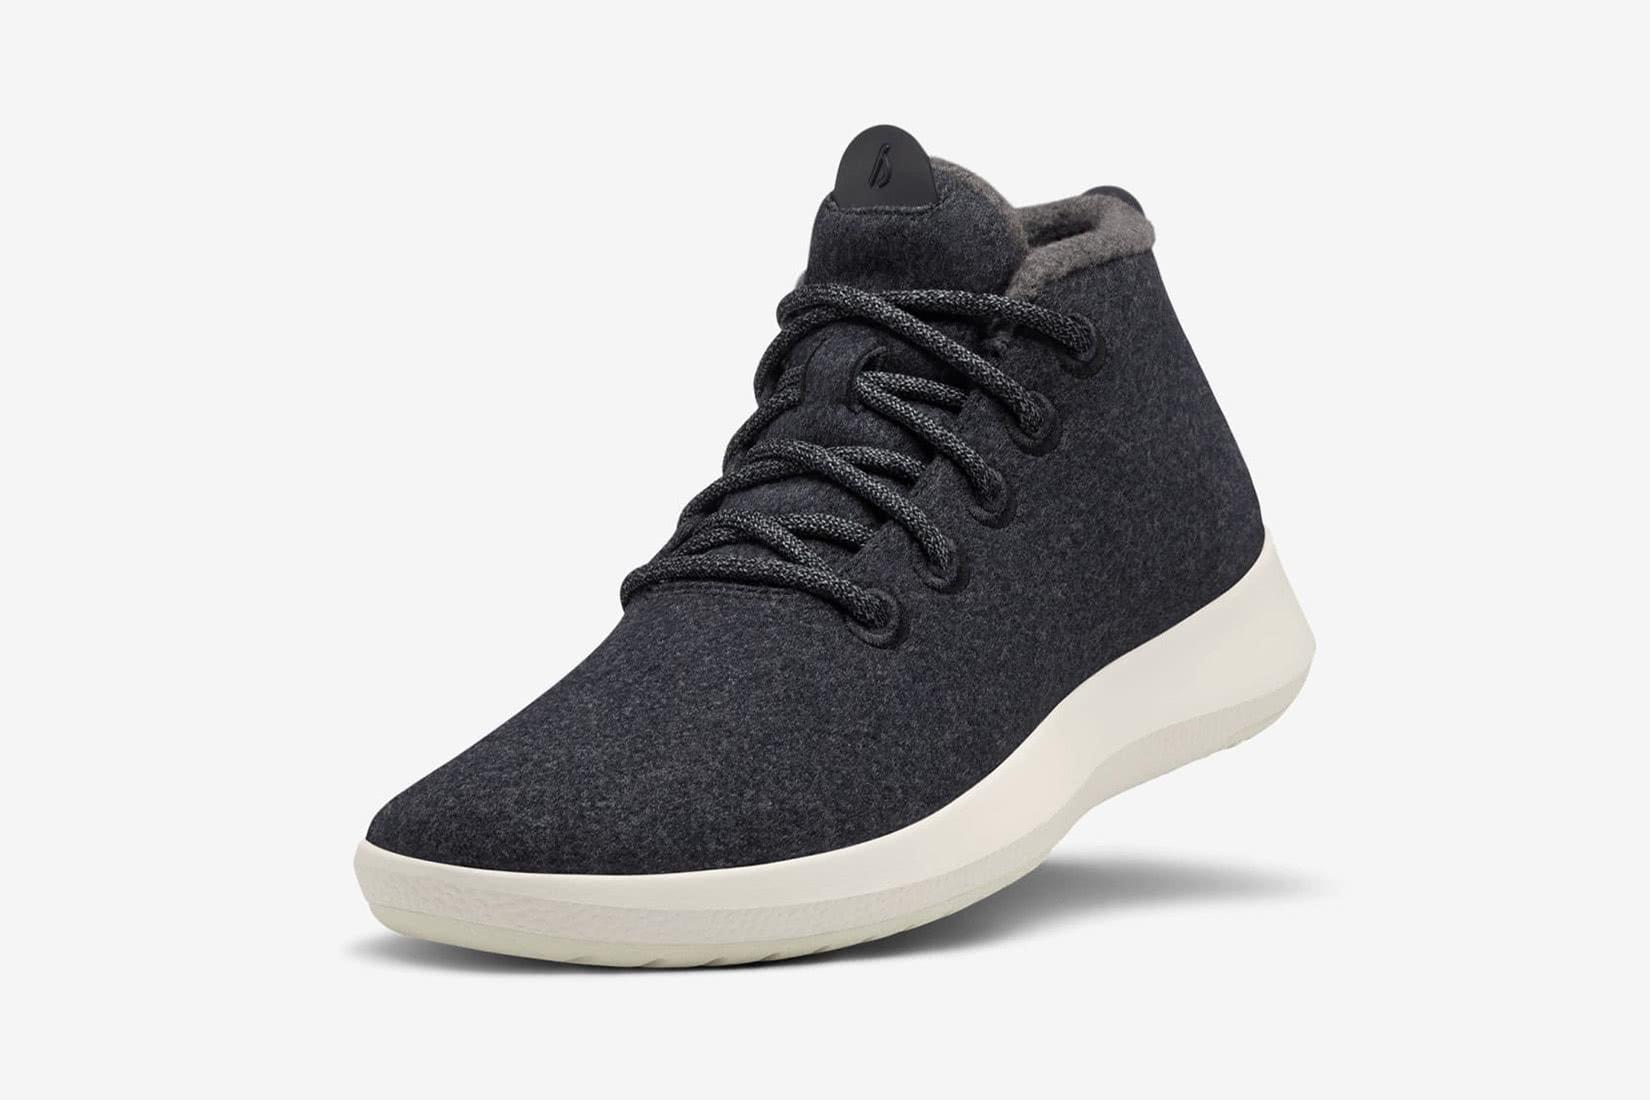 Allbirds sneakers review high-tops wool runner up mizzles - Luxe Digital